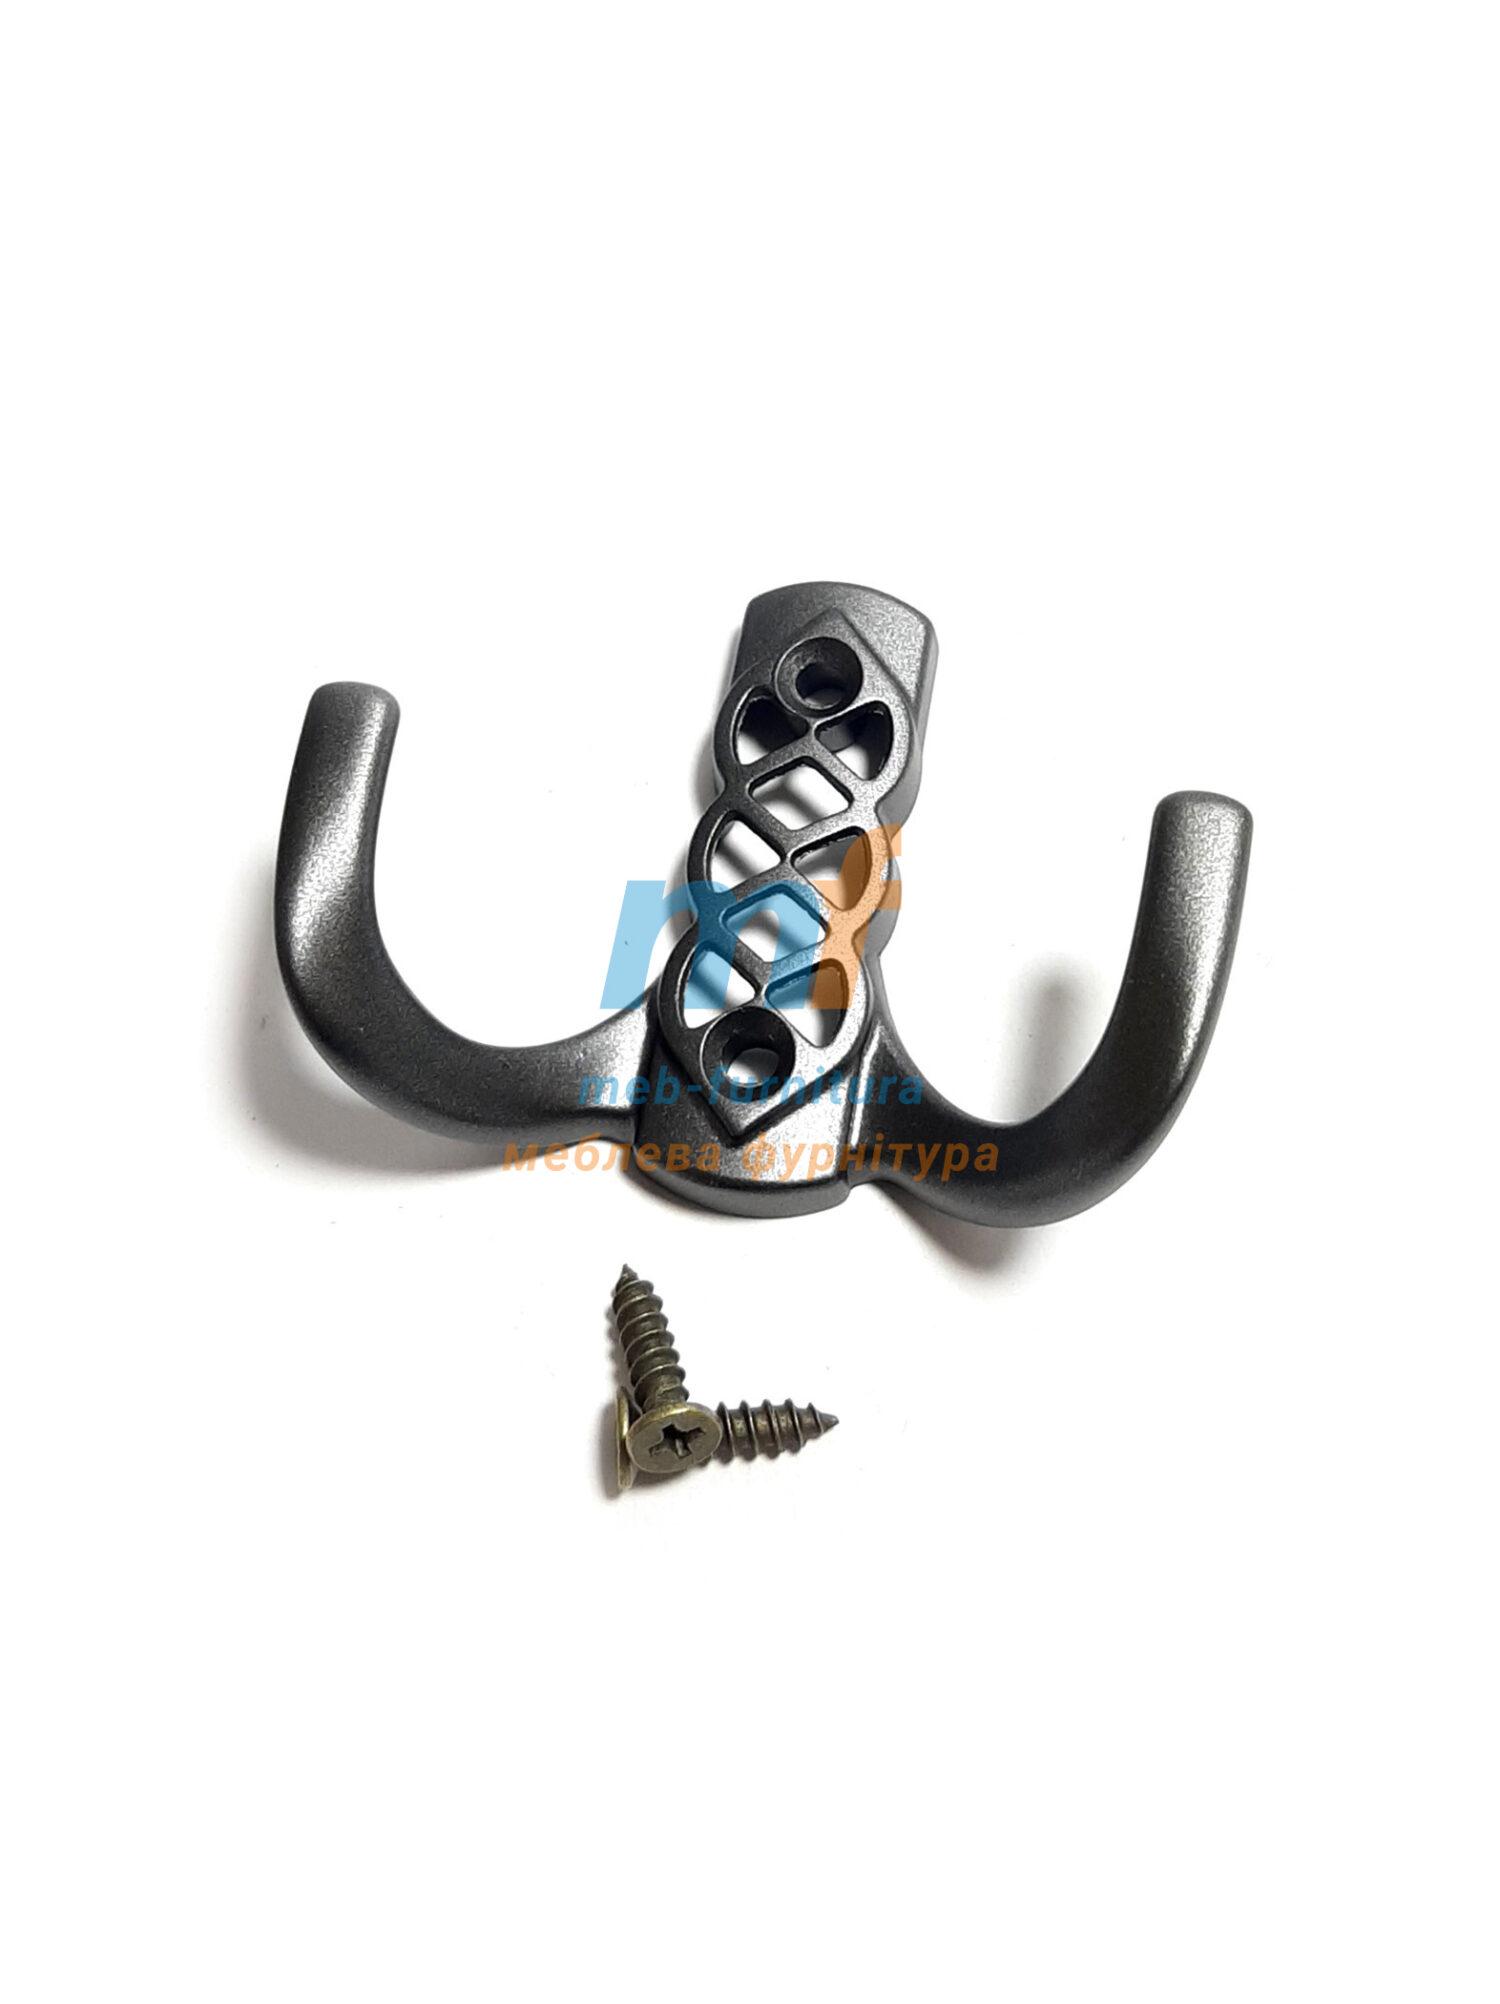 Крючок Косынка маленький (ЕКО) - черный